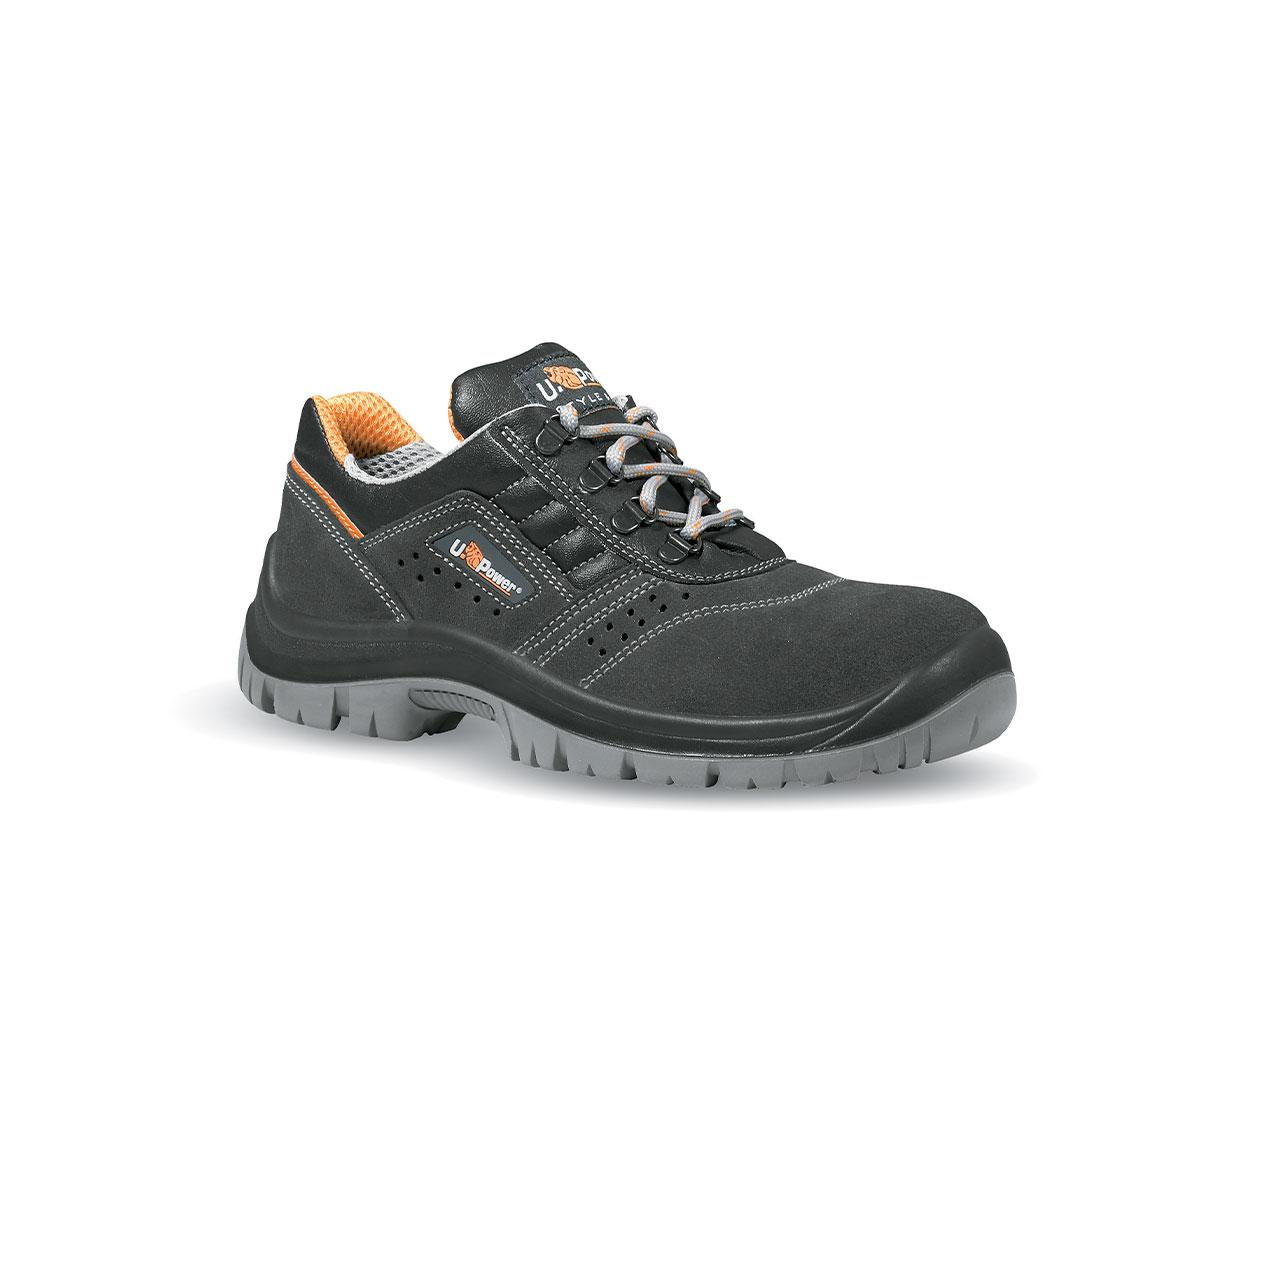 scarpa antinfortunistica upower modello fox linea STYLE&JOB vista laterale